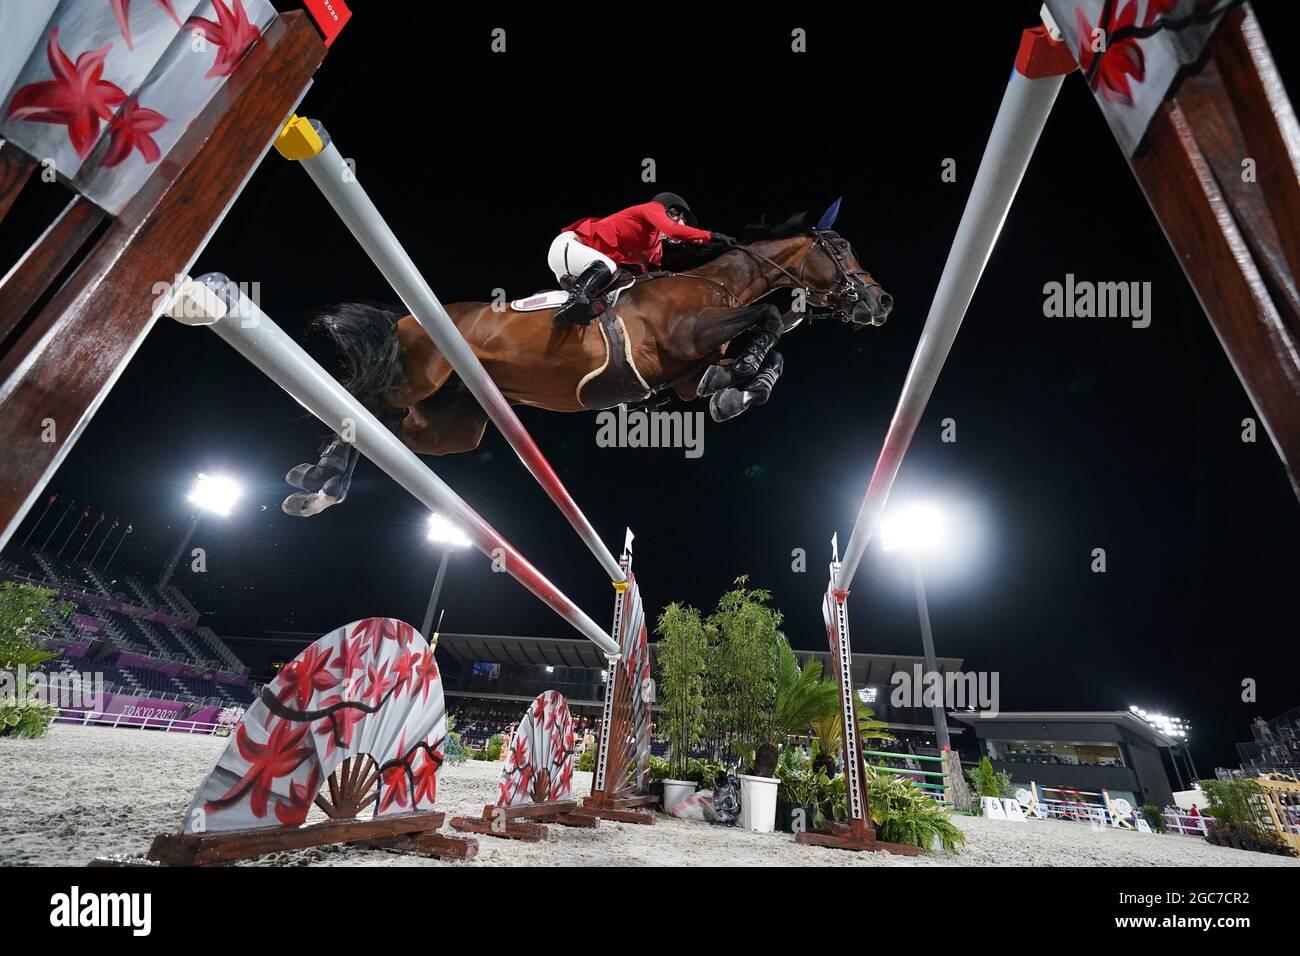 Jessica Springsteen aus den USA an Bord von Don Juan Van De Donkhoeve während des Jumping Team Finales im Equestrian Park am 15. Tag der Olympischen Spiele in Tokio 2020 in Japan. Bilddatum: Samstag, 7. August 2021. Stockfoto